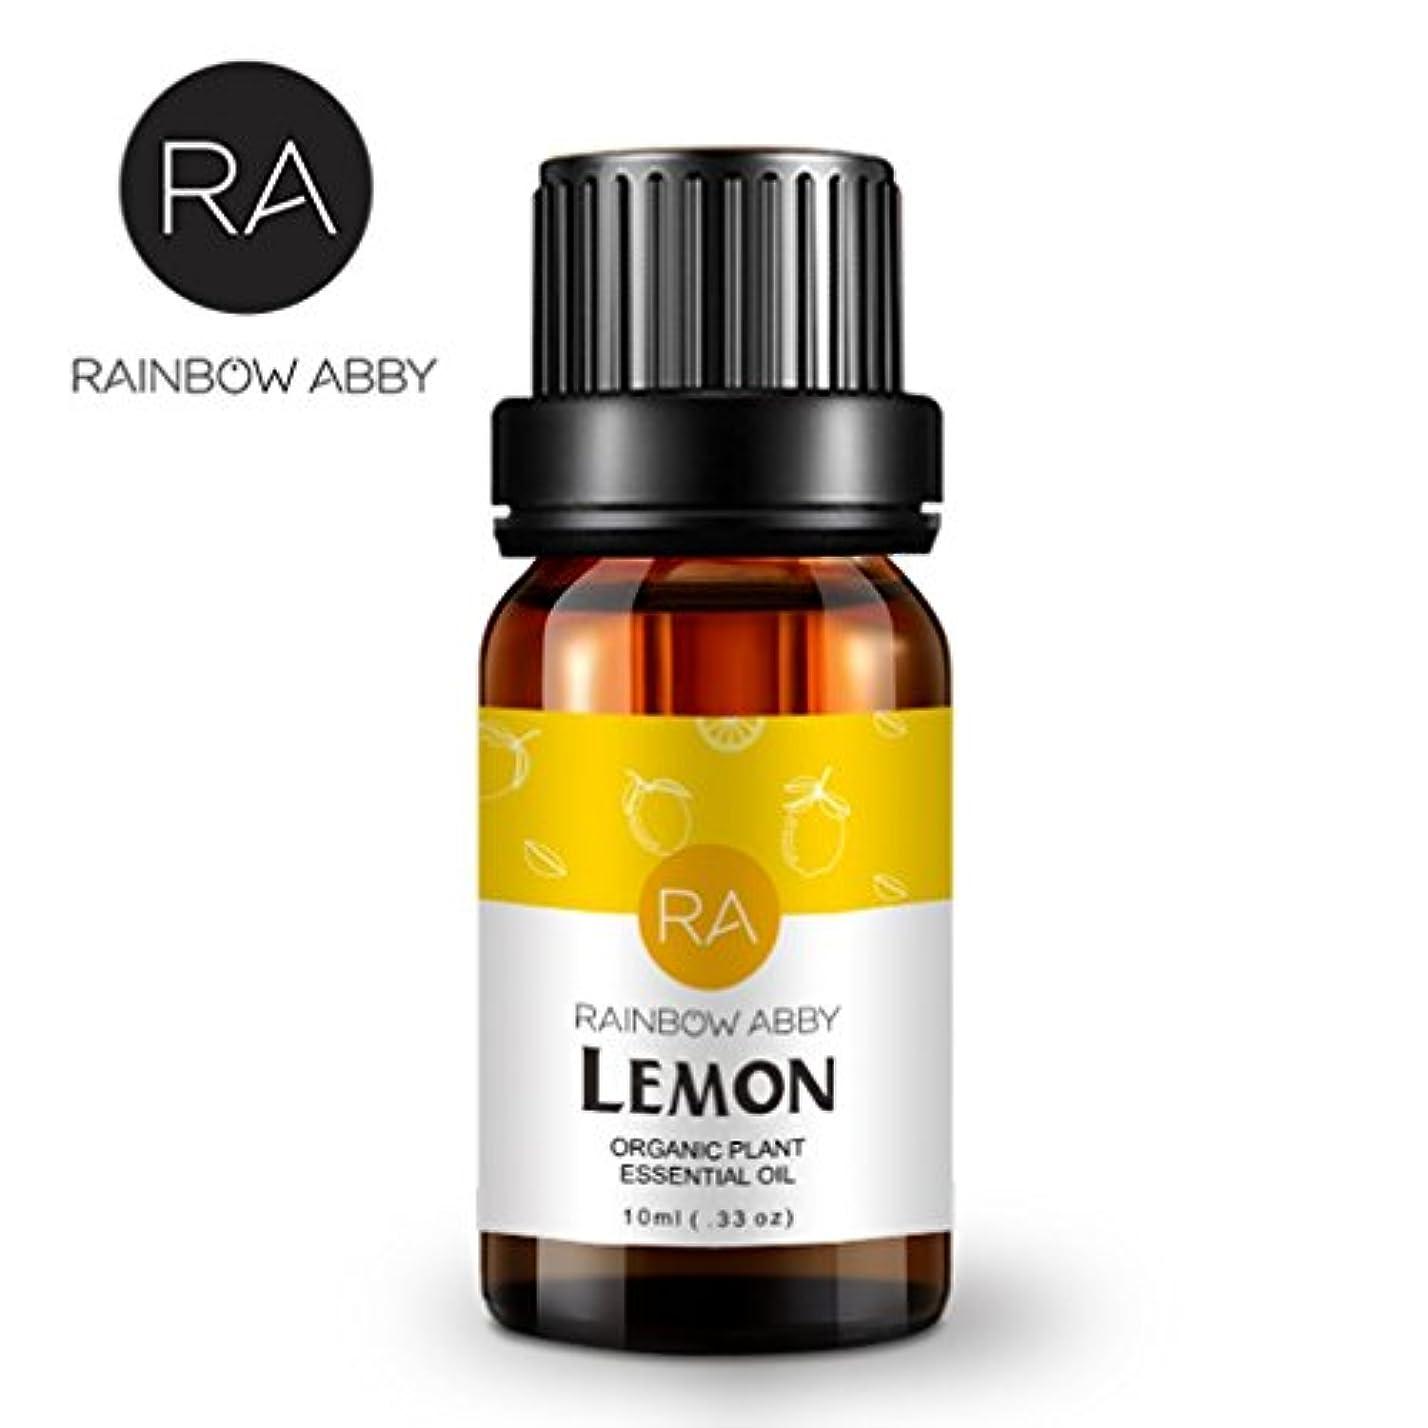 シーボード布廃止RAINBOW ABBY 精油 アロマテラピー ナウ ピュア 有機 精油 セット ディフューザー用 レモン